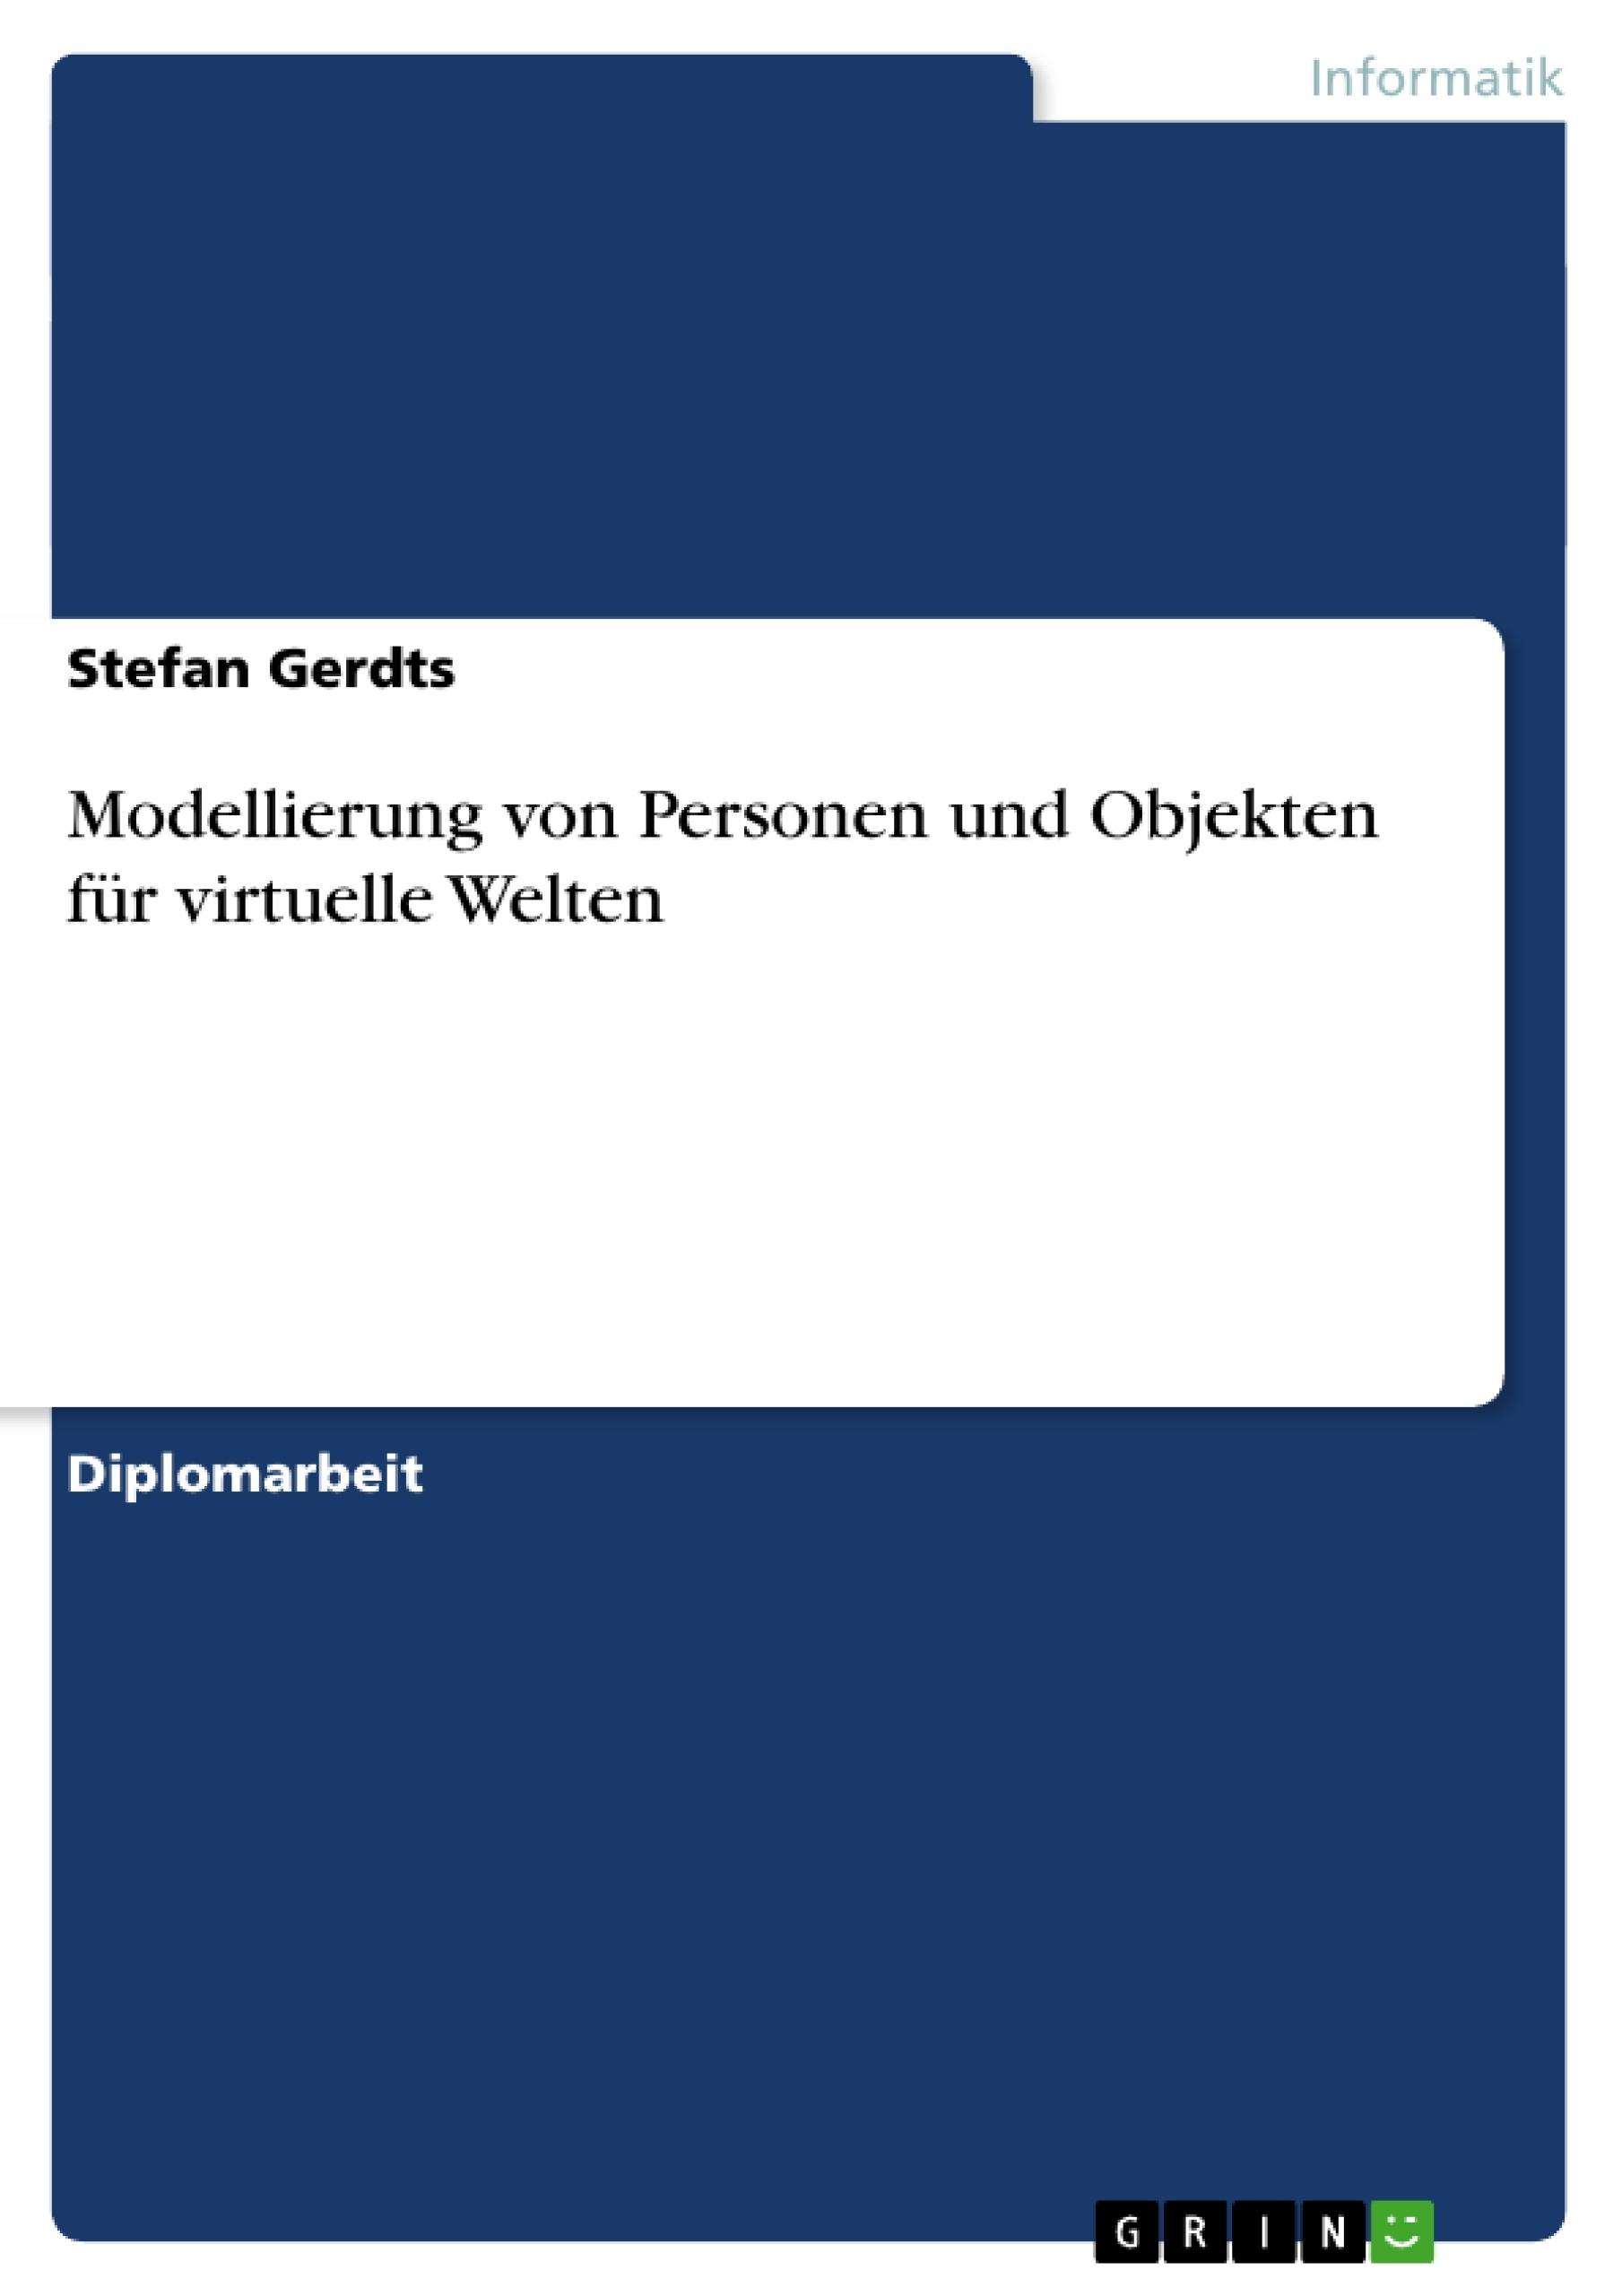 Titel: Modellierung von Personen und Objekten für virtuelle Welten